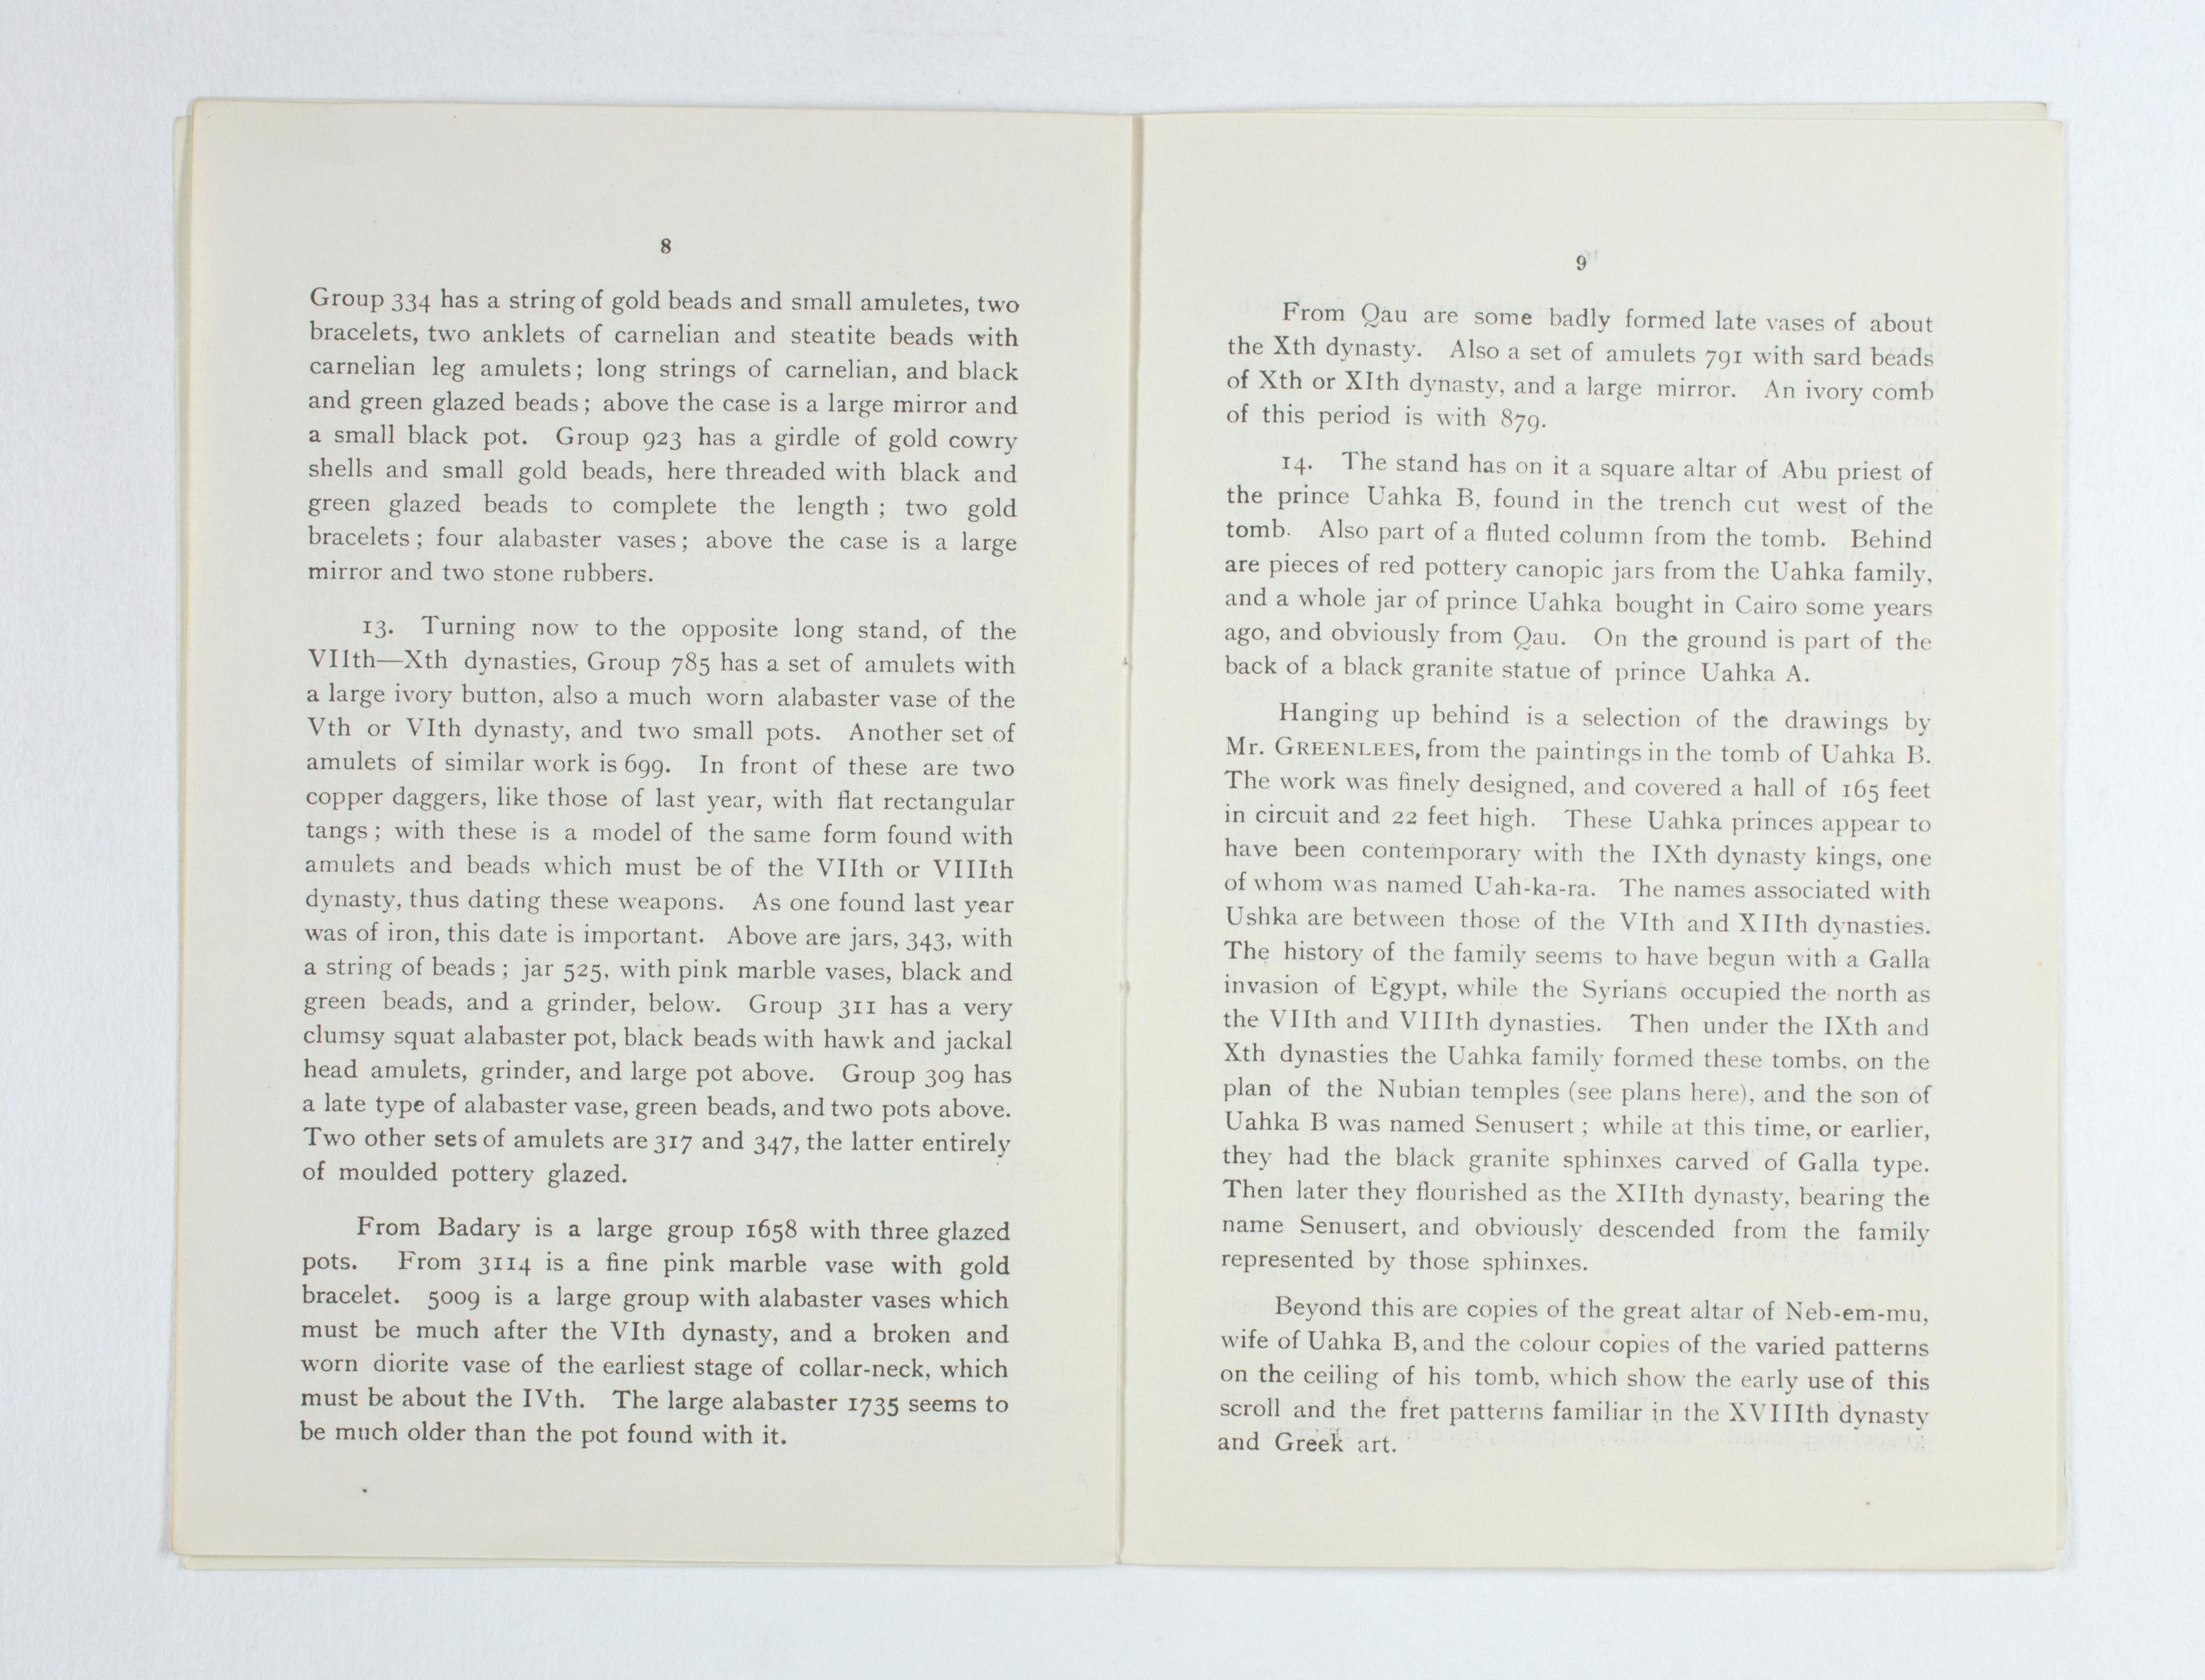 1923-24 Qau el-Kebir, Hemamieh Exhibition catalogue PMA/WFP1/D/27/29.6